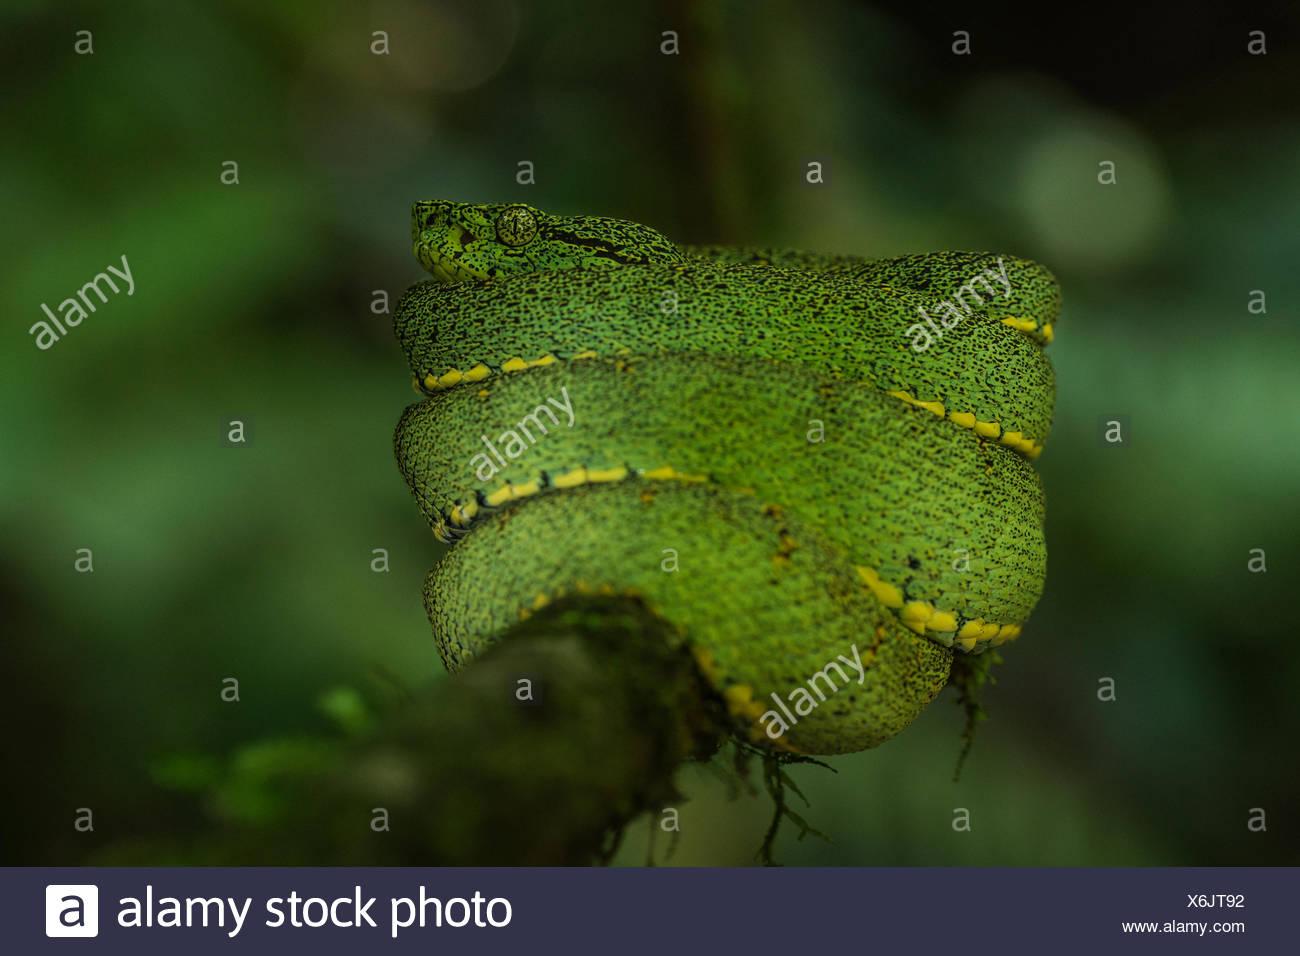 Un pit viper arbórea en la Reserva de la Biosfera del Manu. Foto de stock